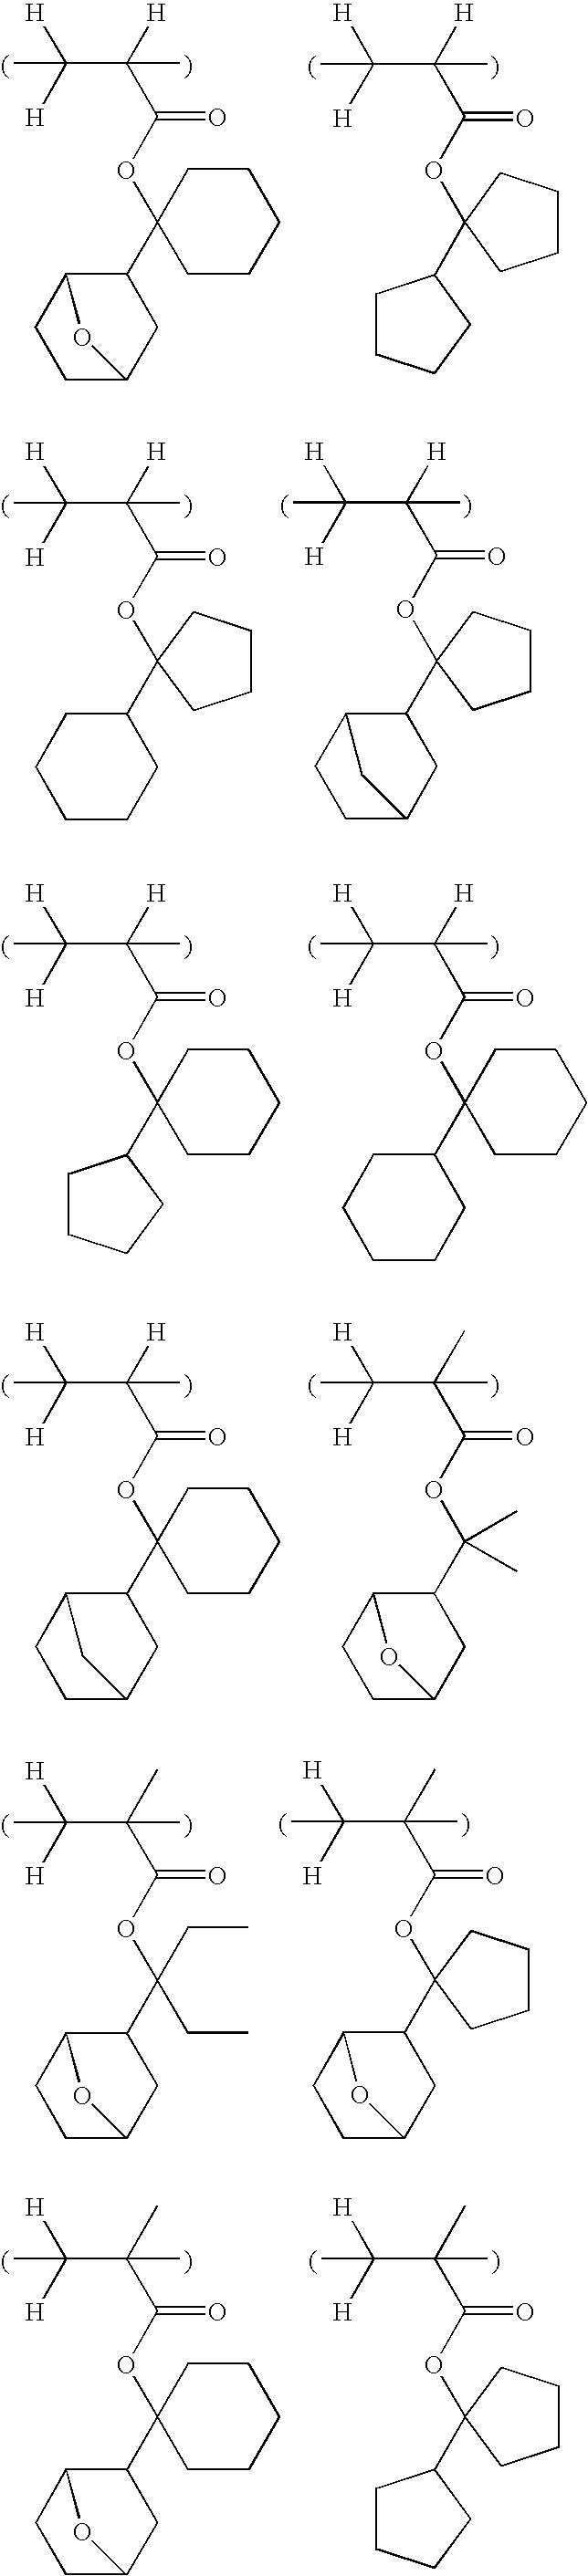 Figure US20080026331A1-20080131-C00046